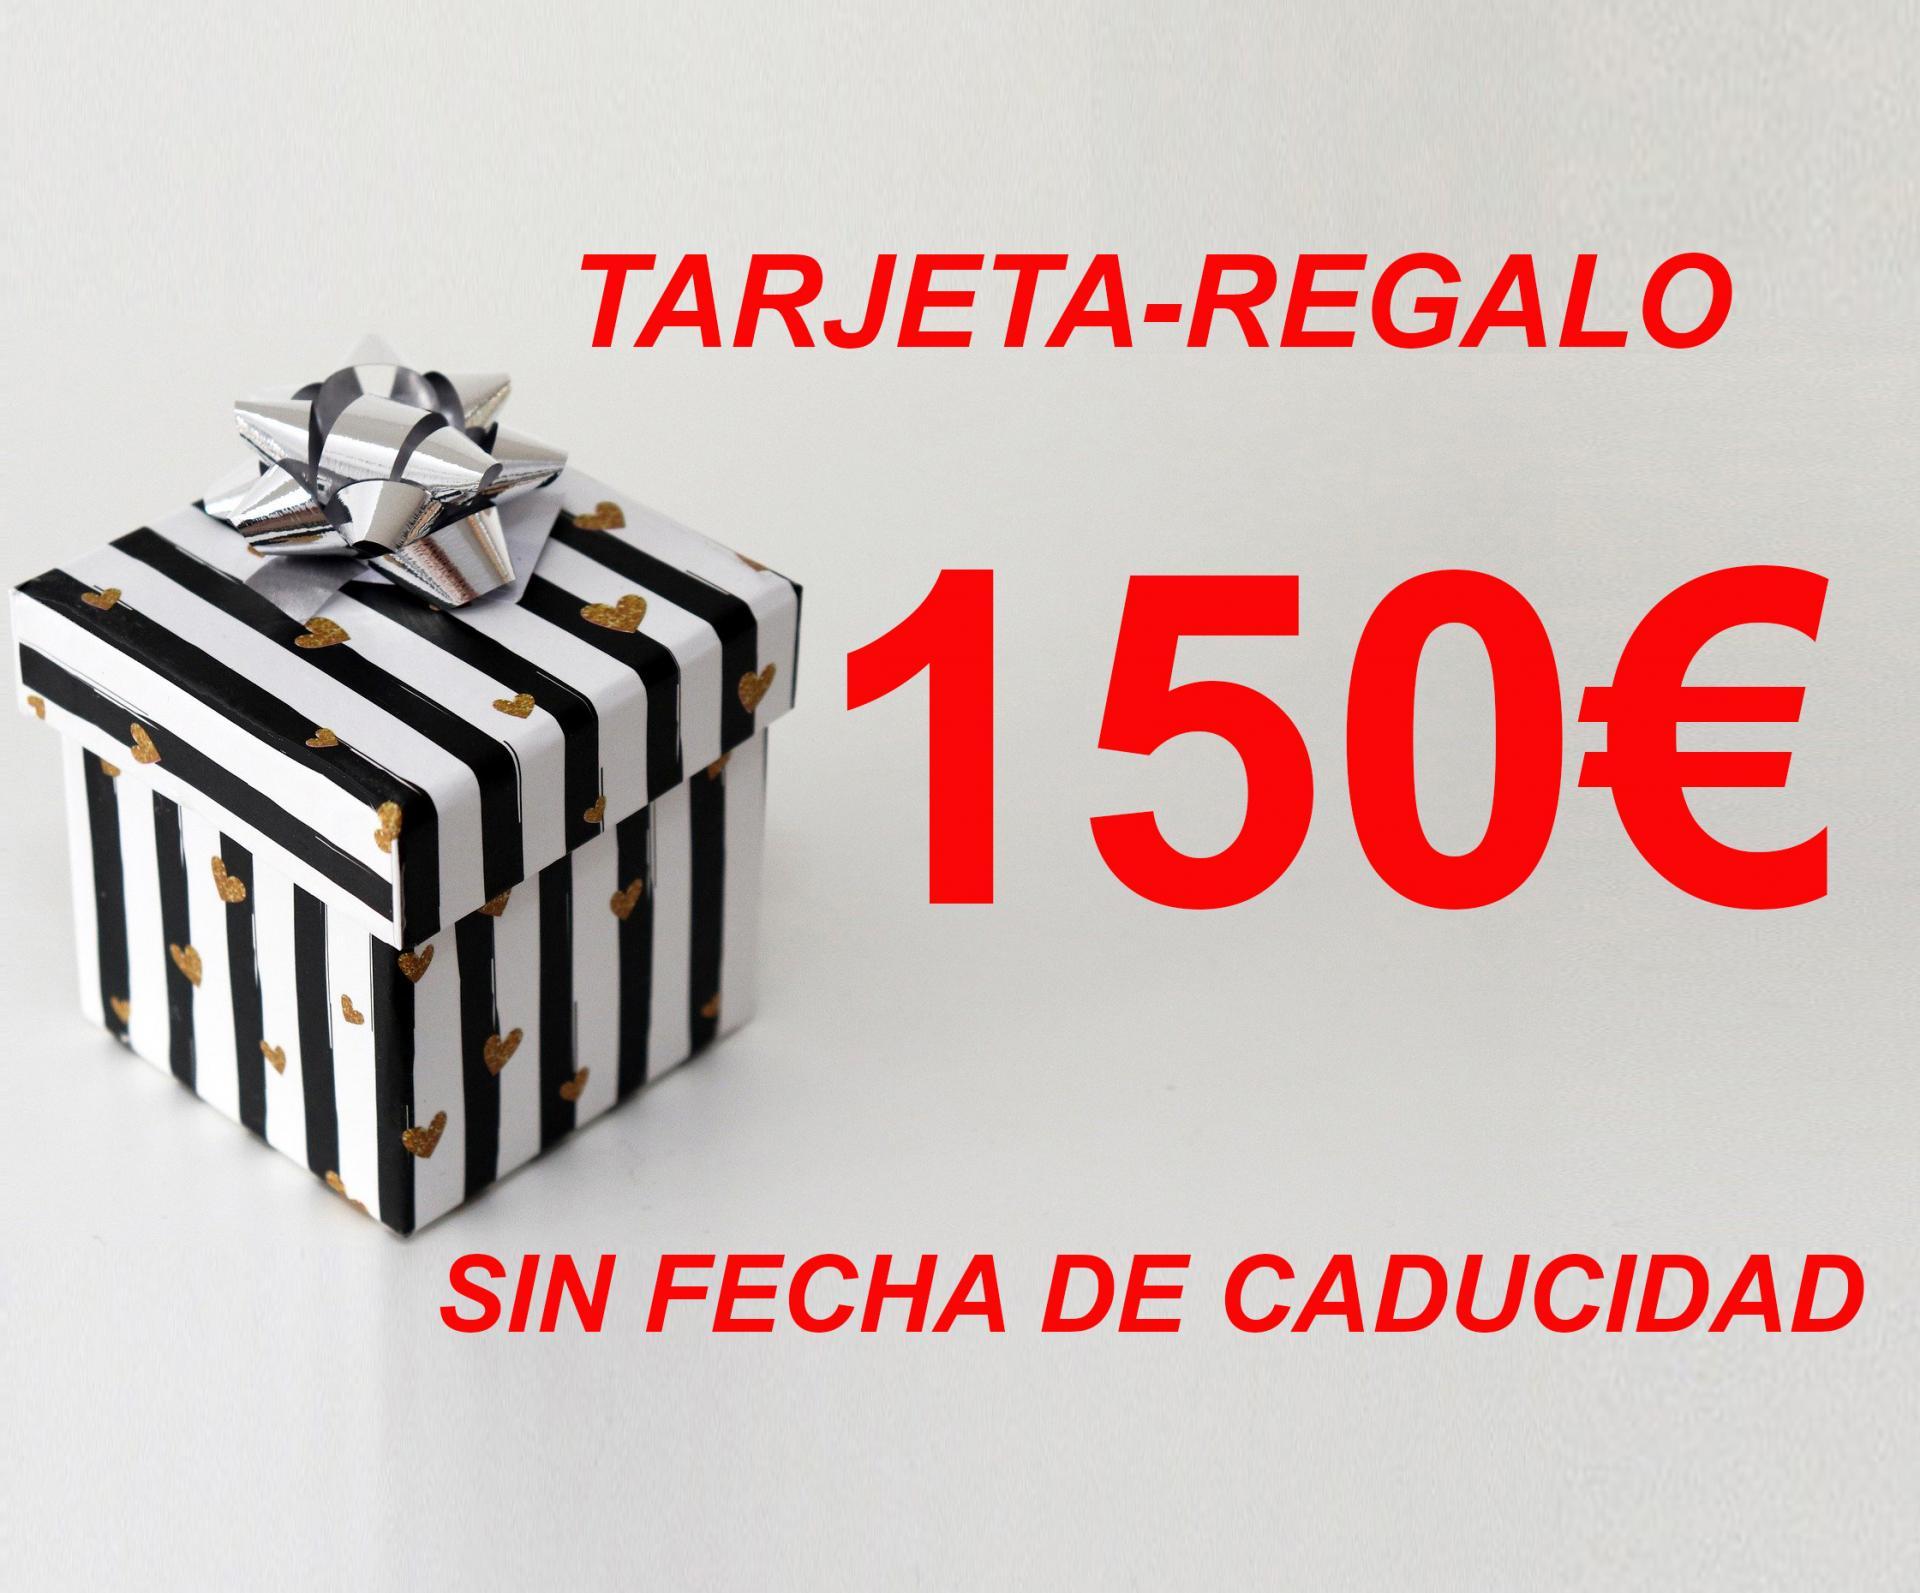 TARJETA-REGALO 150€